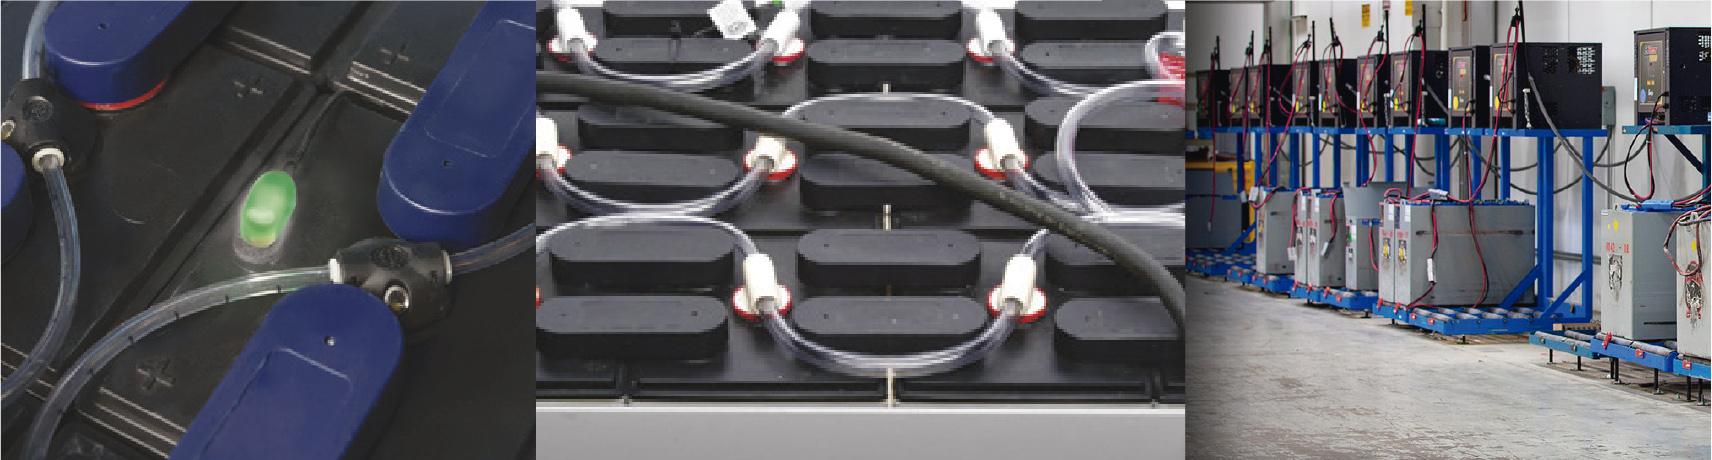 Baterías industriales para montacargas y patines eléctricos